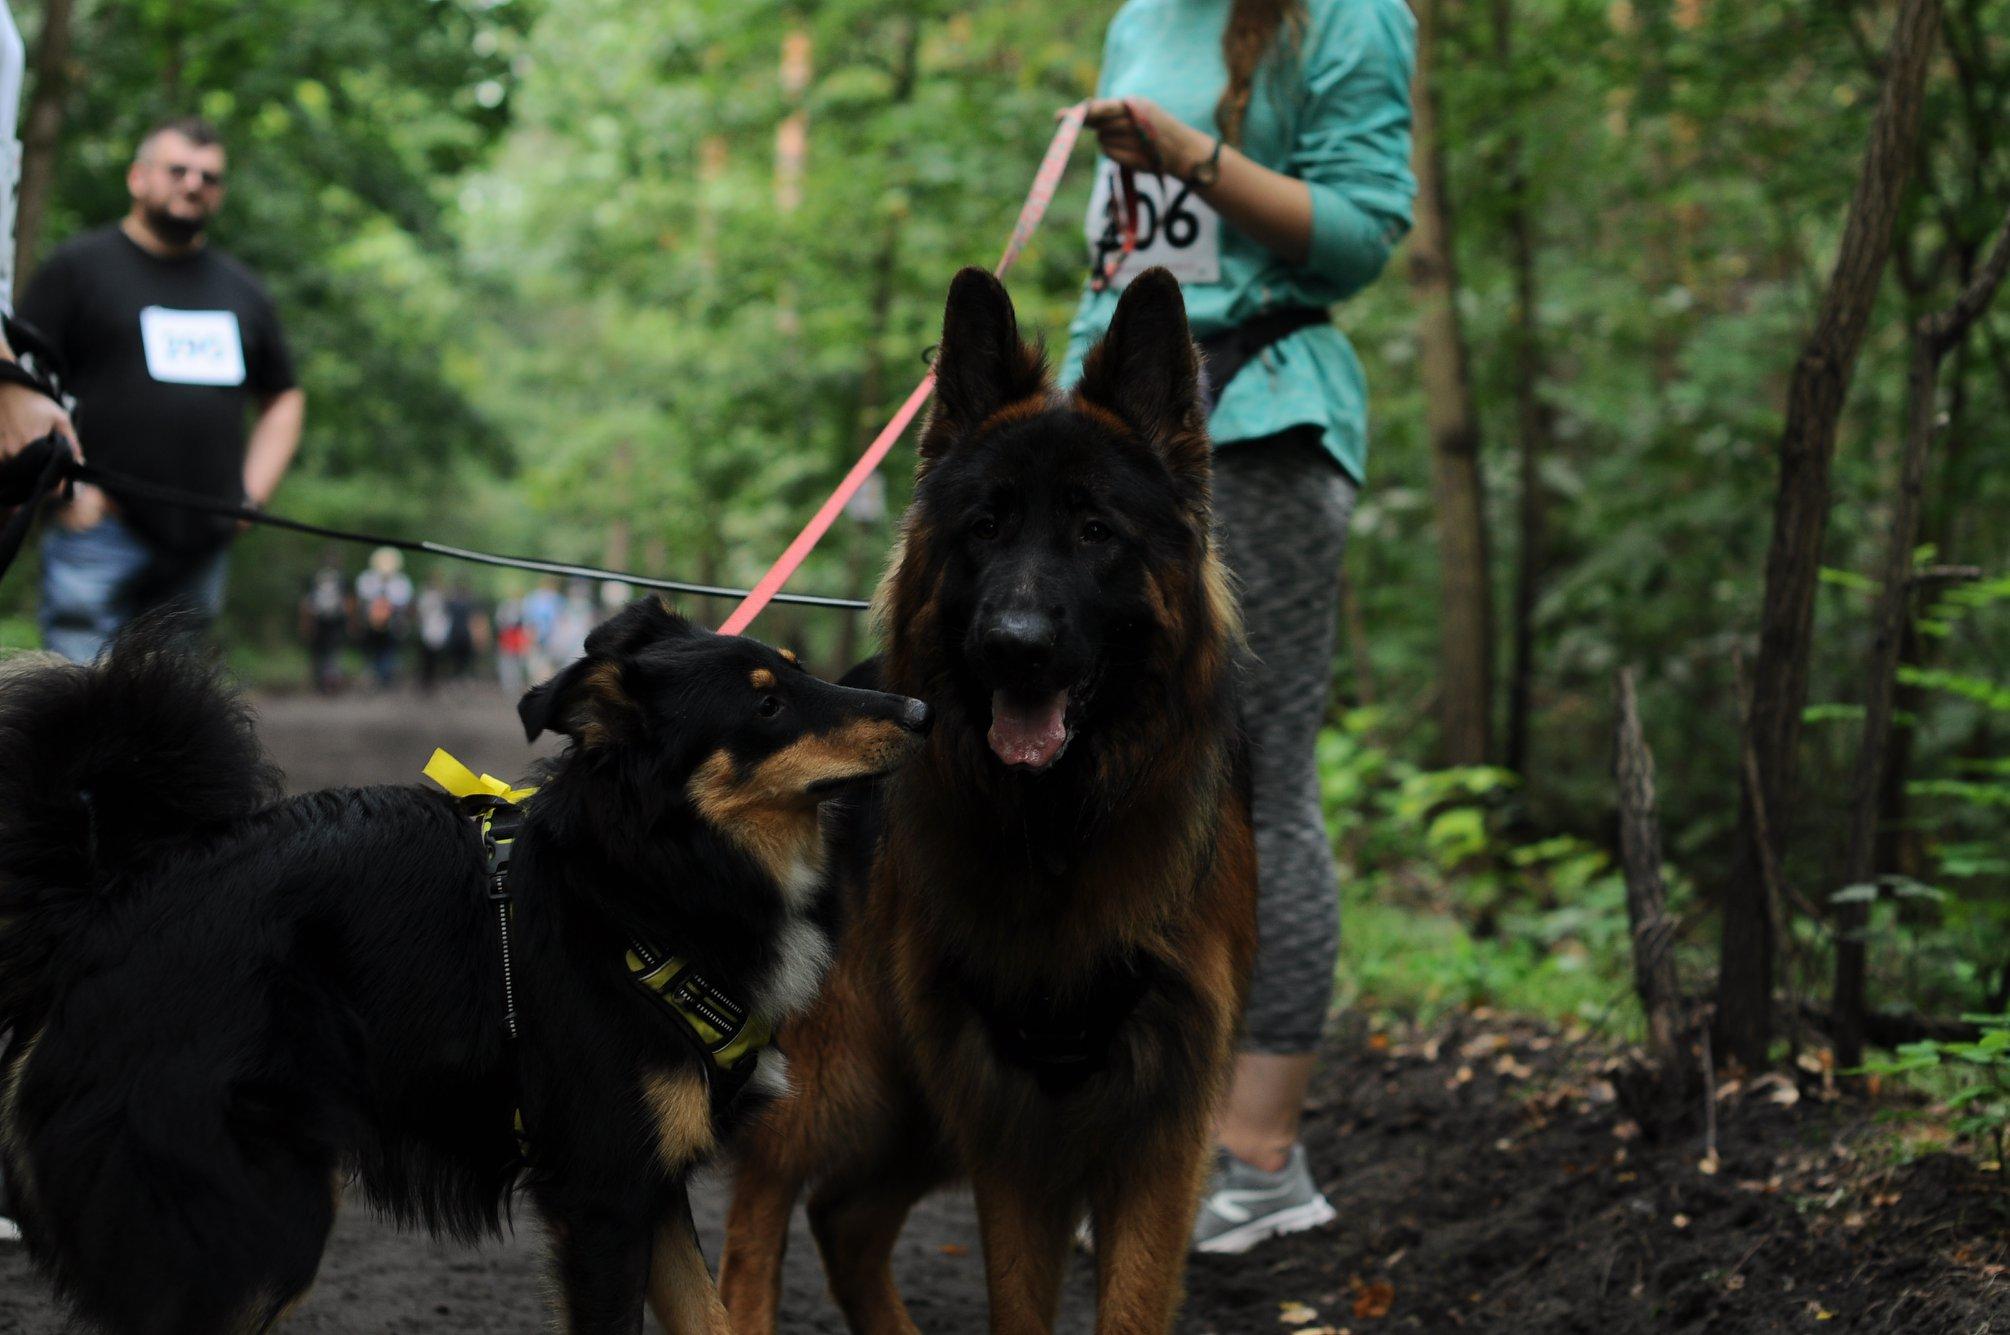 Międzylesia, pies, psy, event, wydarzenie, impreza